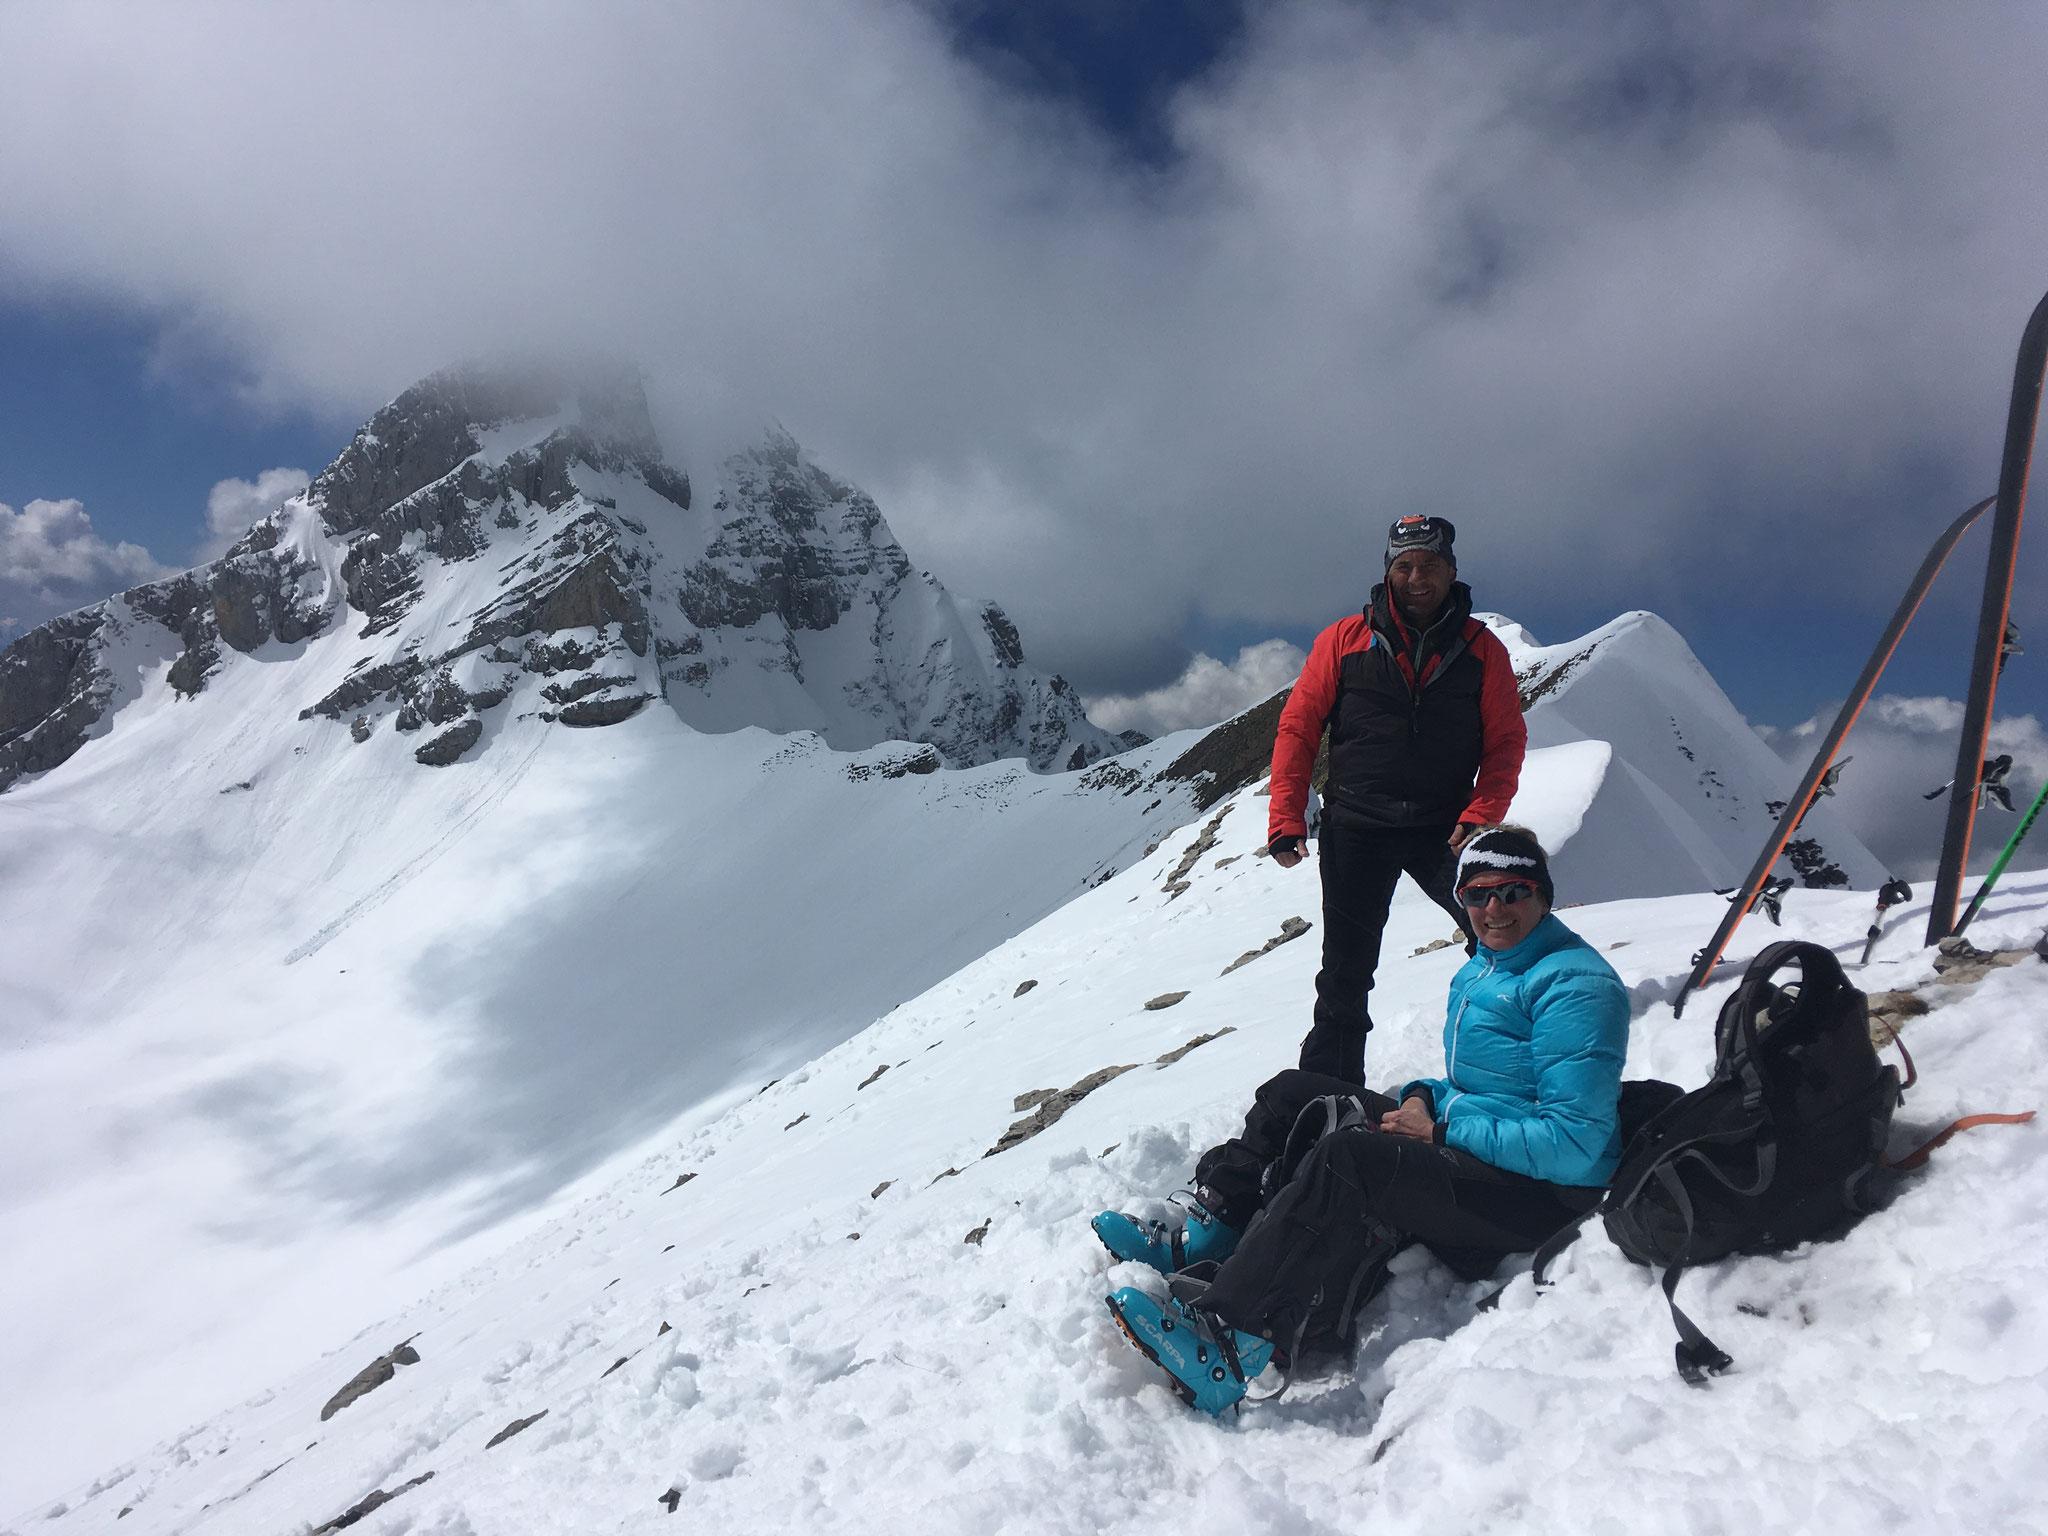 Au-dessus du Lac de Peyre, Bernadette et Christian au point culminant, sur l'arête de la Pointe de Balafrasse, devant la Pointe Blanche